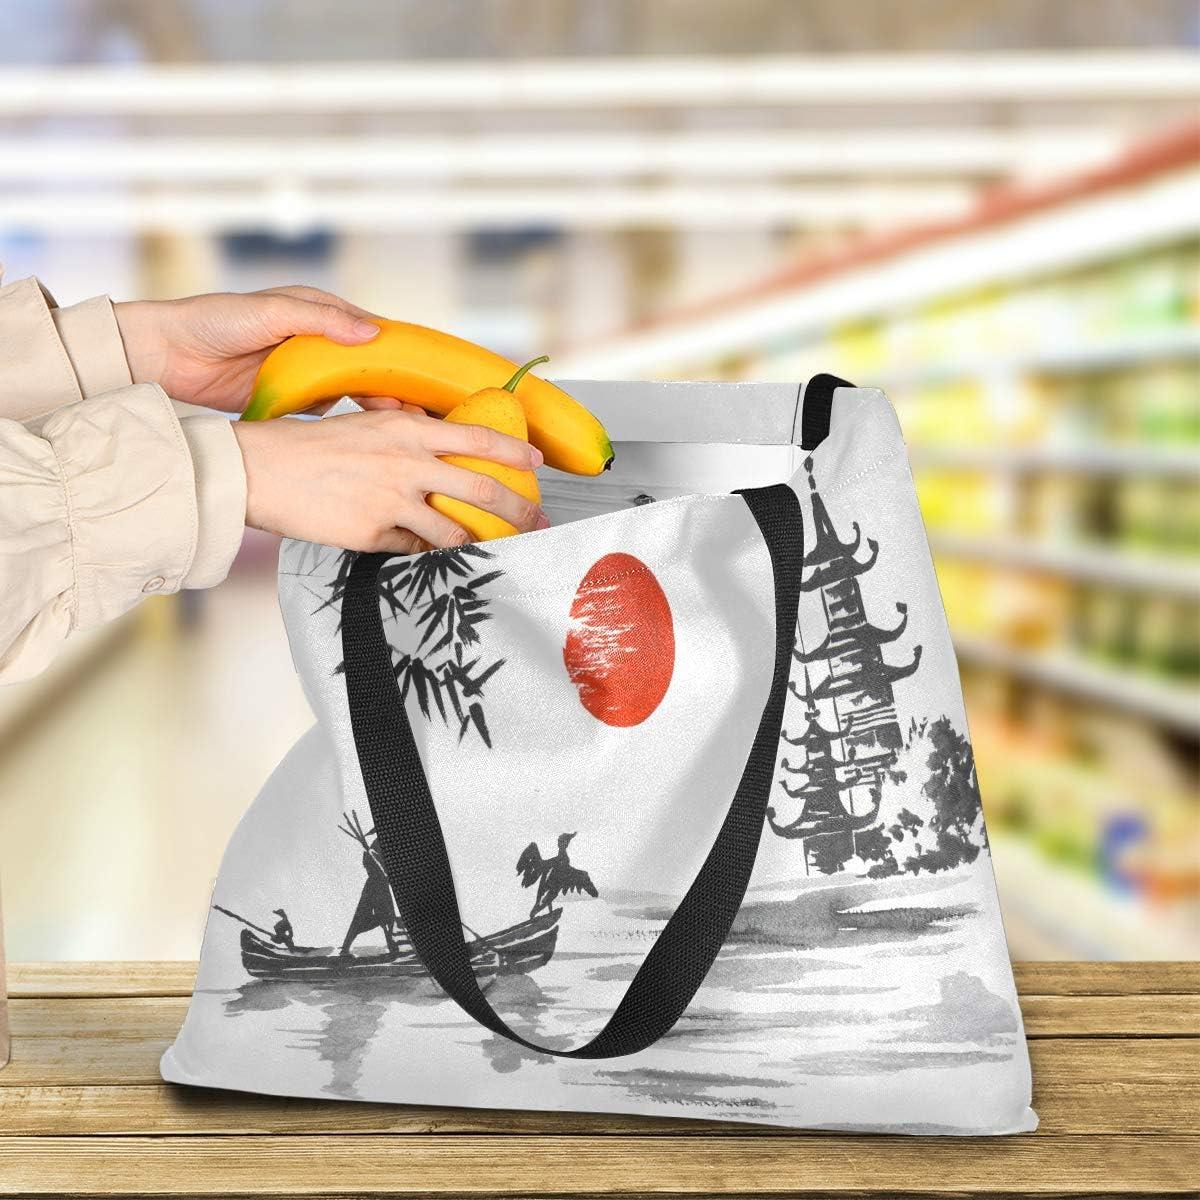 grande capacit/é sac /à main pour femme et homme sac /à bandouli/ère durable sac /à /épicerie QMIN Sac fourre-tout en toile japonaise zen orchid/ée en bambou r/éutilisable